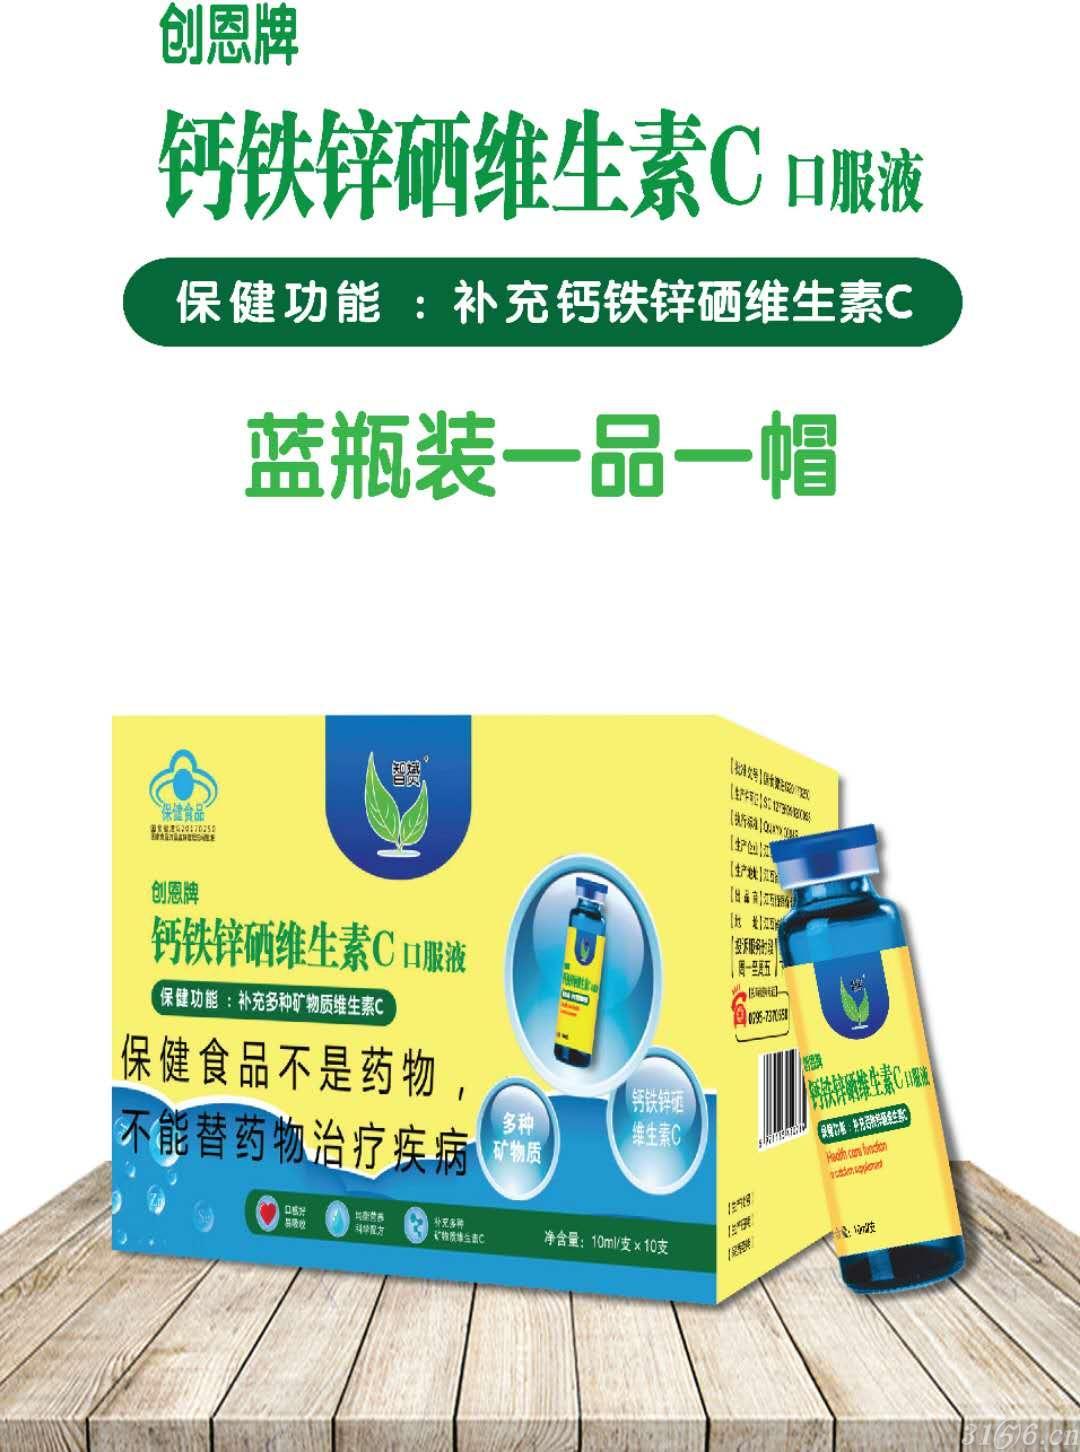 创恩牌钙铁锌硒维生素C口服液招商